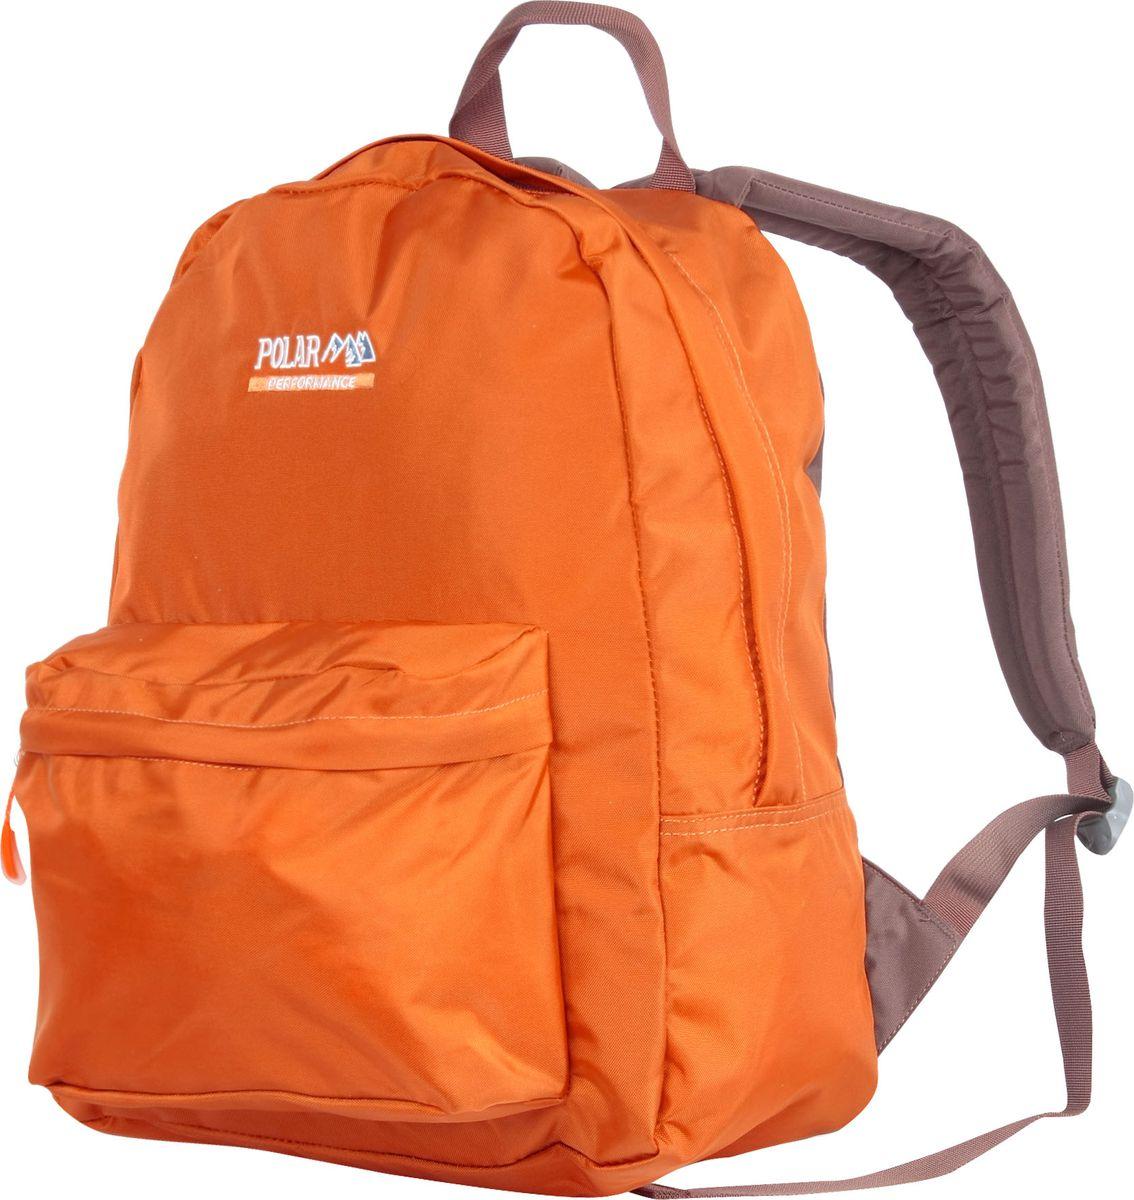 Рюкзак городской Polar, цвет: оранжевый, 27,5 л. П1611-02П1611-02Легкий городской рюкзак Polar подойдет для ежедневного использования. Выполнен из полиэстера. Рюкзак имеет одно основное отделение, которое закрывается на молнию. Спереди - накладной карман на молнии. Спинка и лямки рюкзака пропенены.